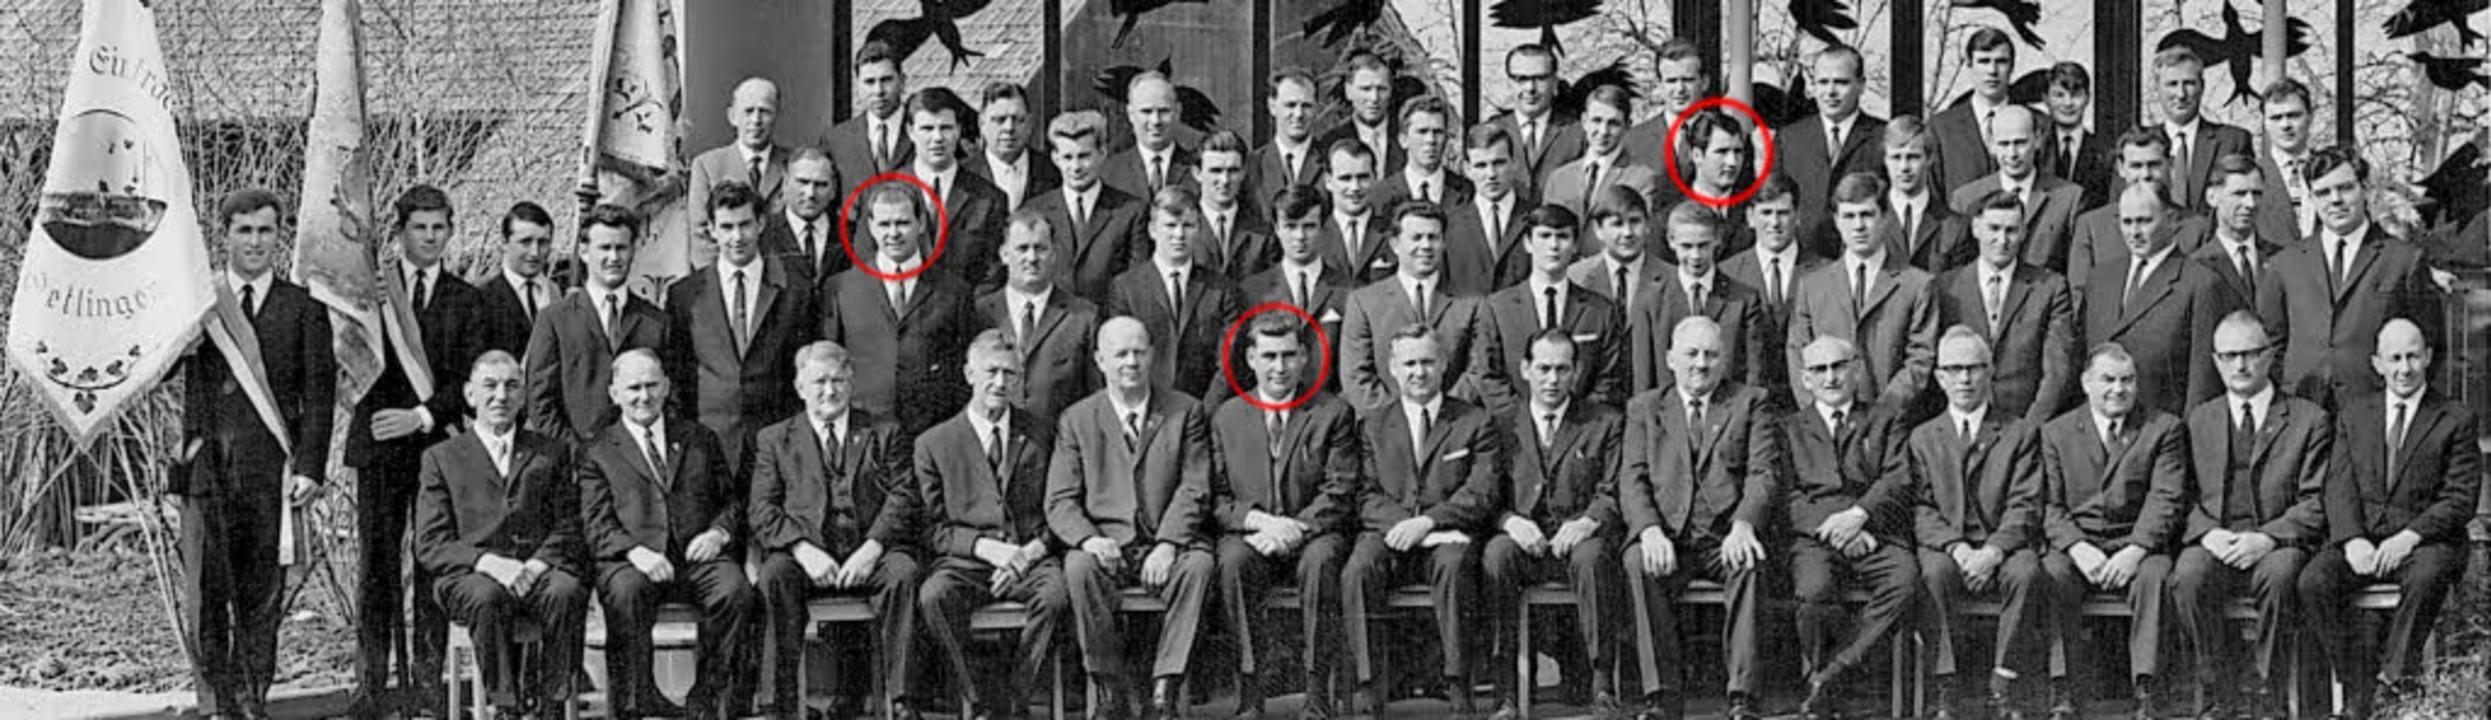 125-Jahr-Feier 1968: Schon damals ware...er (rote Kreise von links) mit dabei.   | Foto: Gesangverein